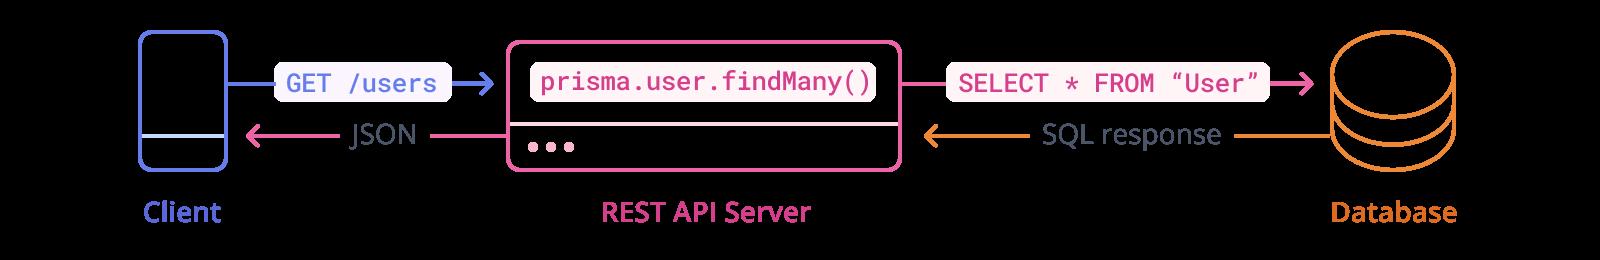 REST APIs with Prisma Client